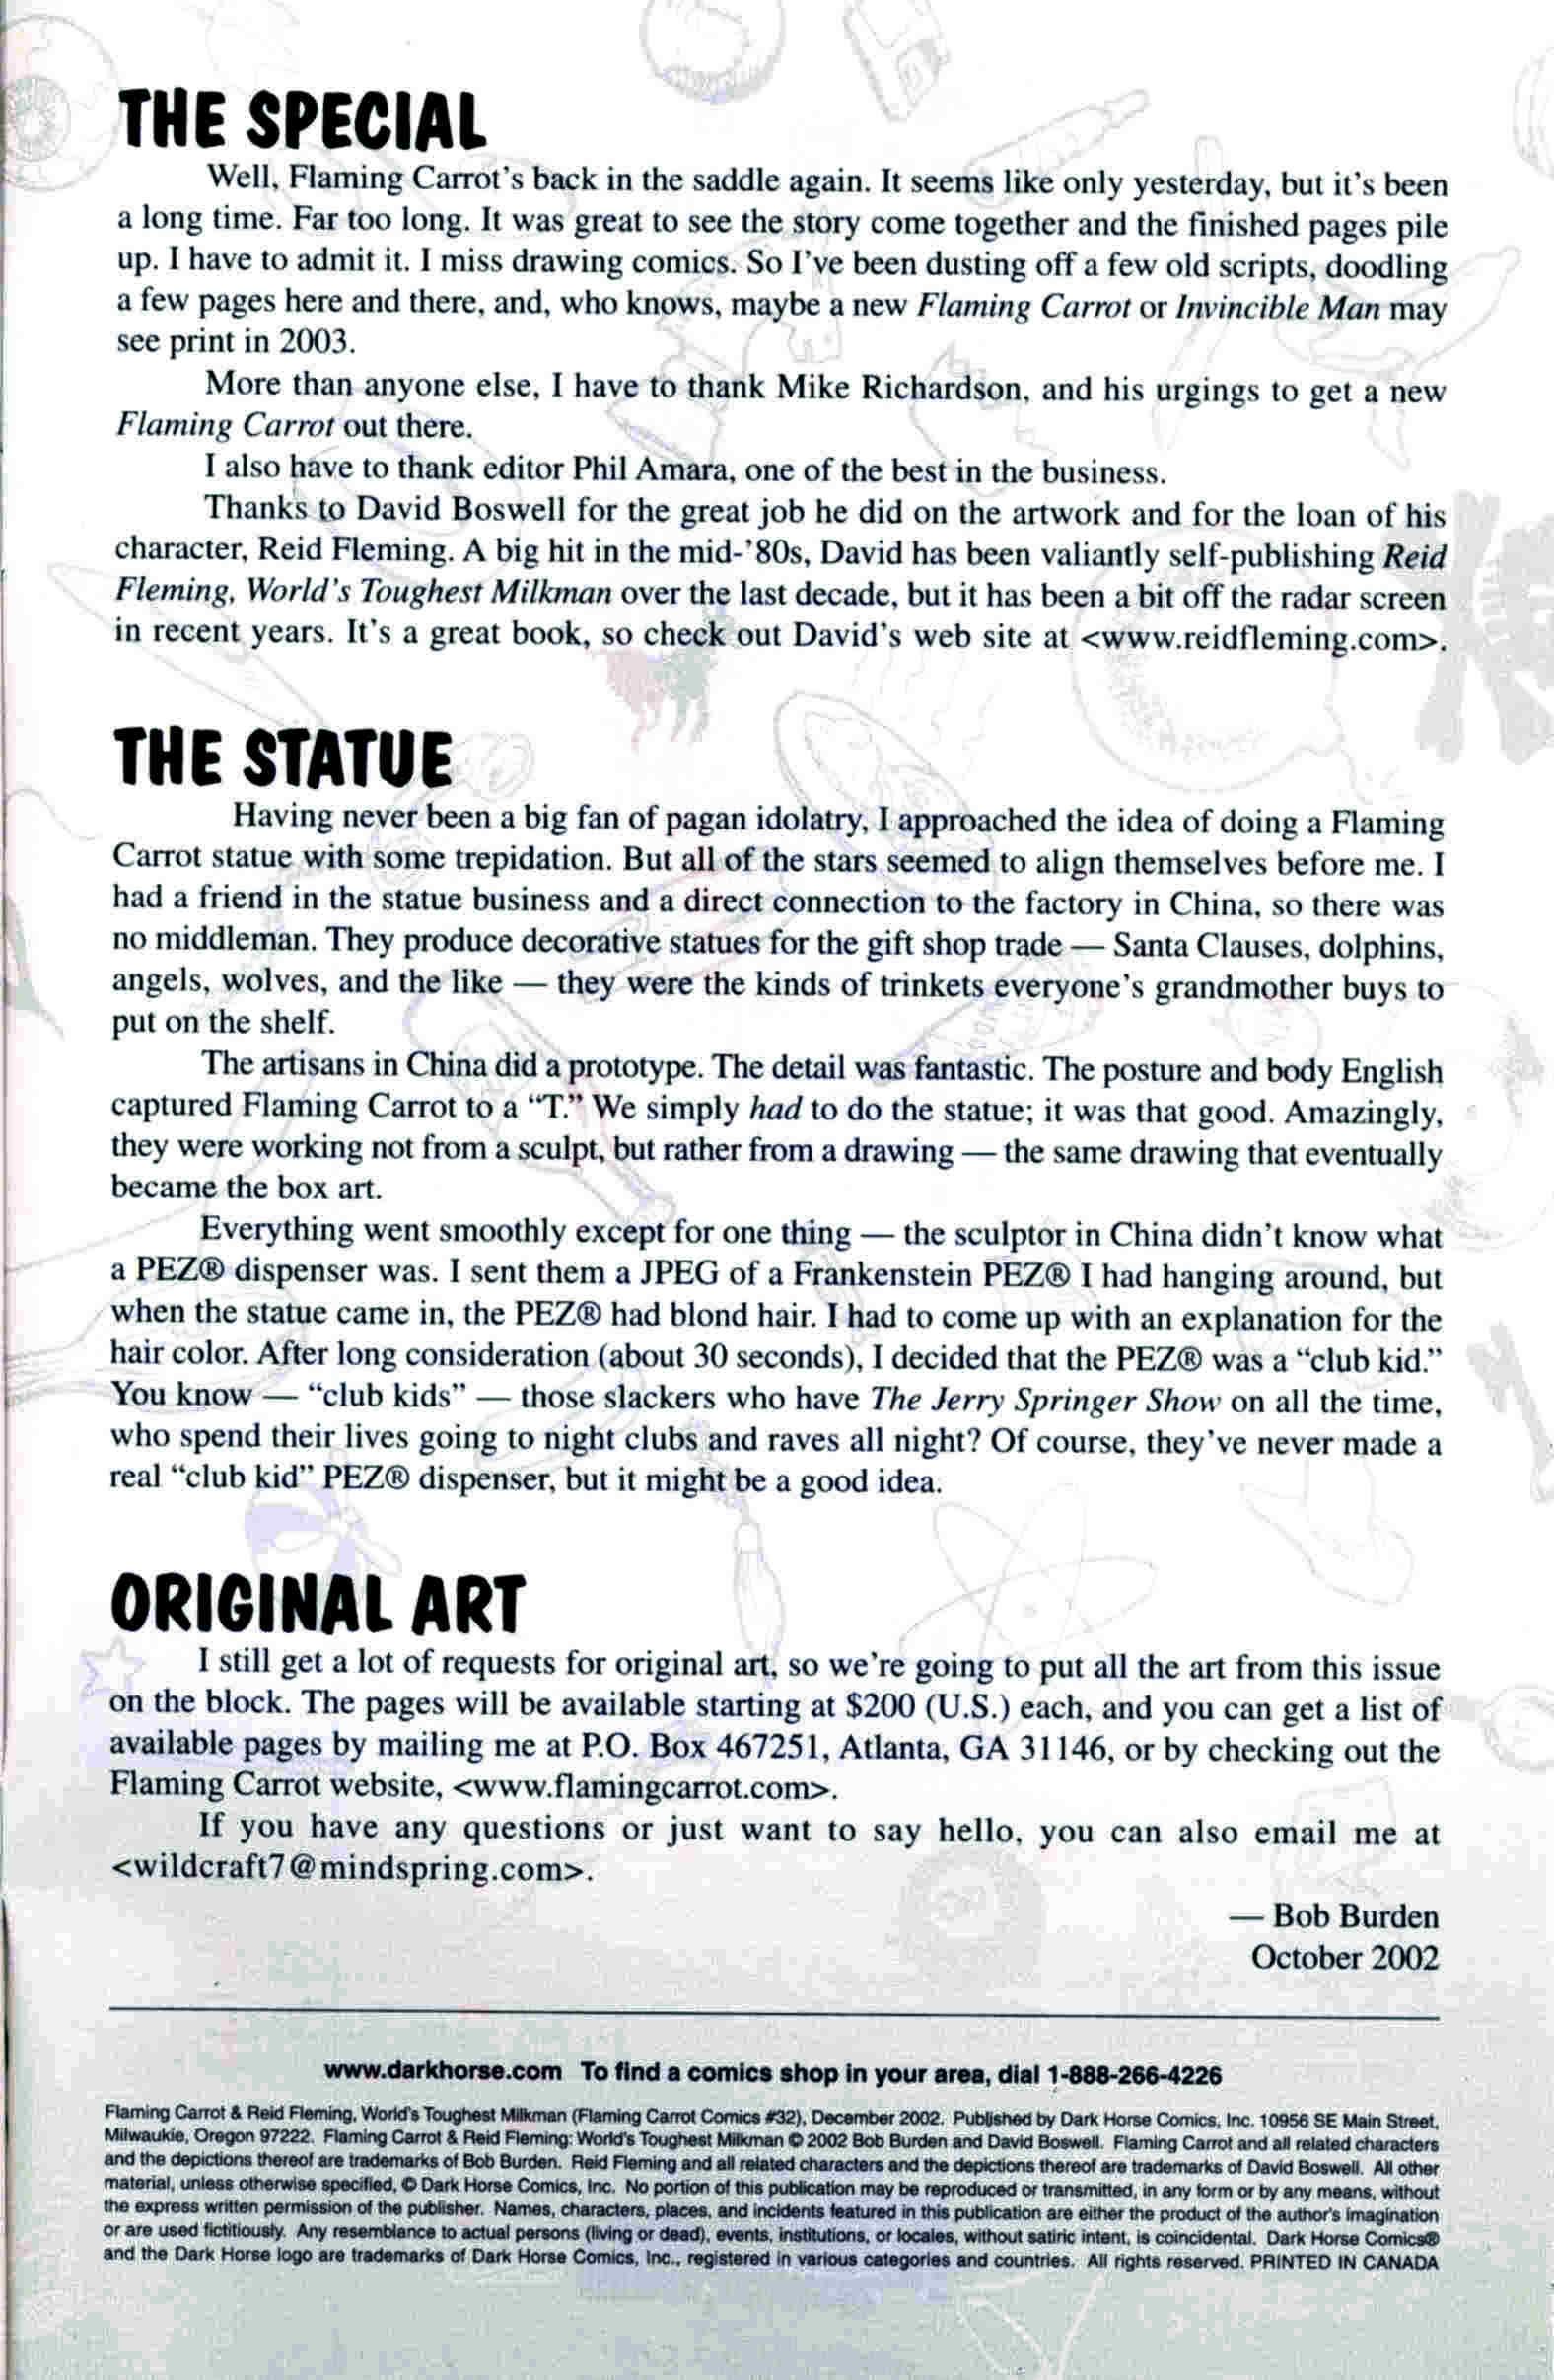 Read online Flaming Carrot & Reid Fleming, World's Toughest Milkman comic -  Issue # Full - 33